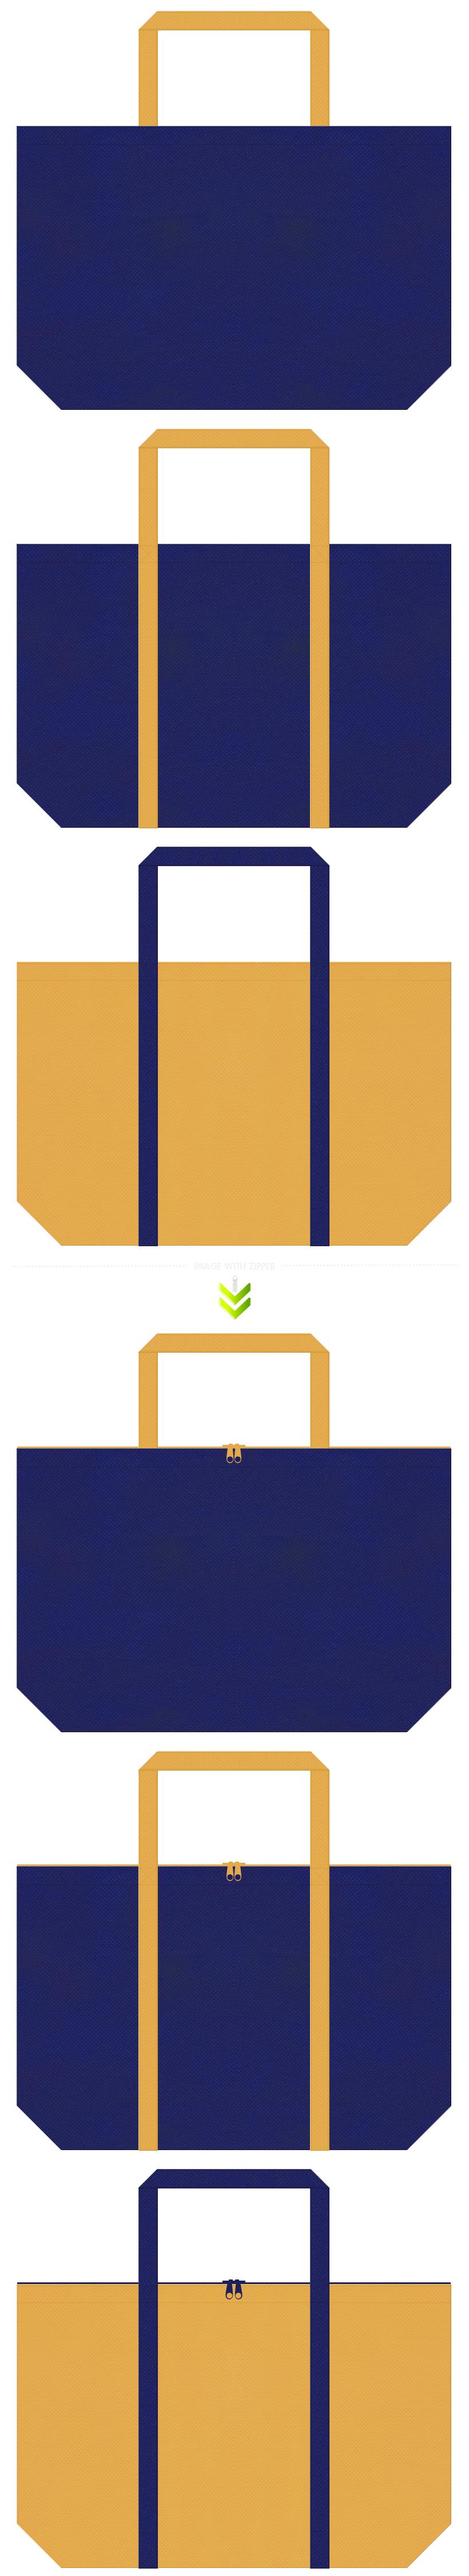 明るい紺色と黄土色の不織布ショッピングバッグのデザイン